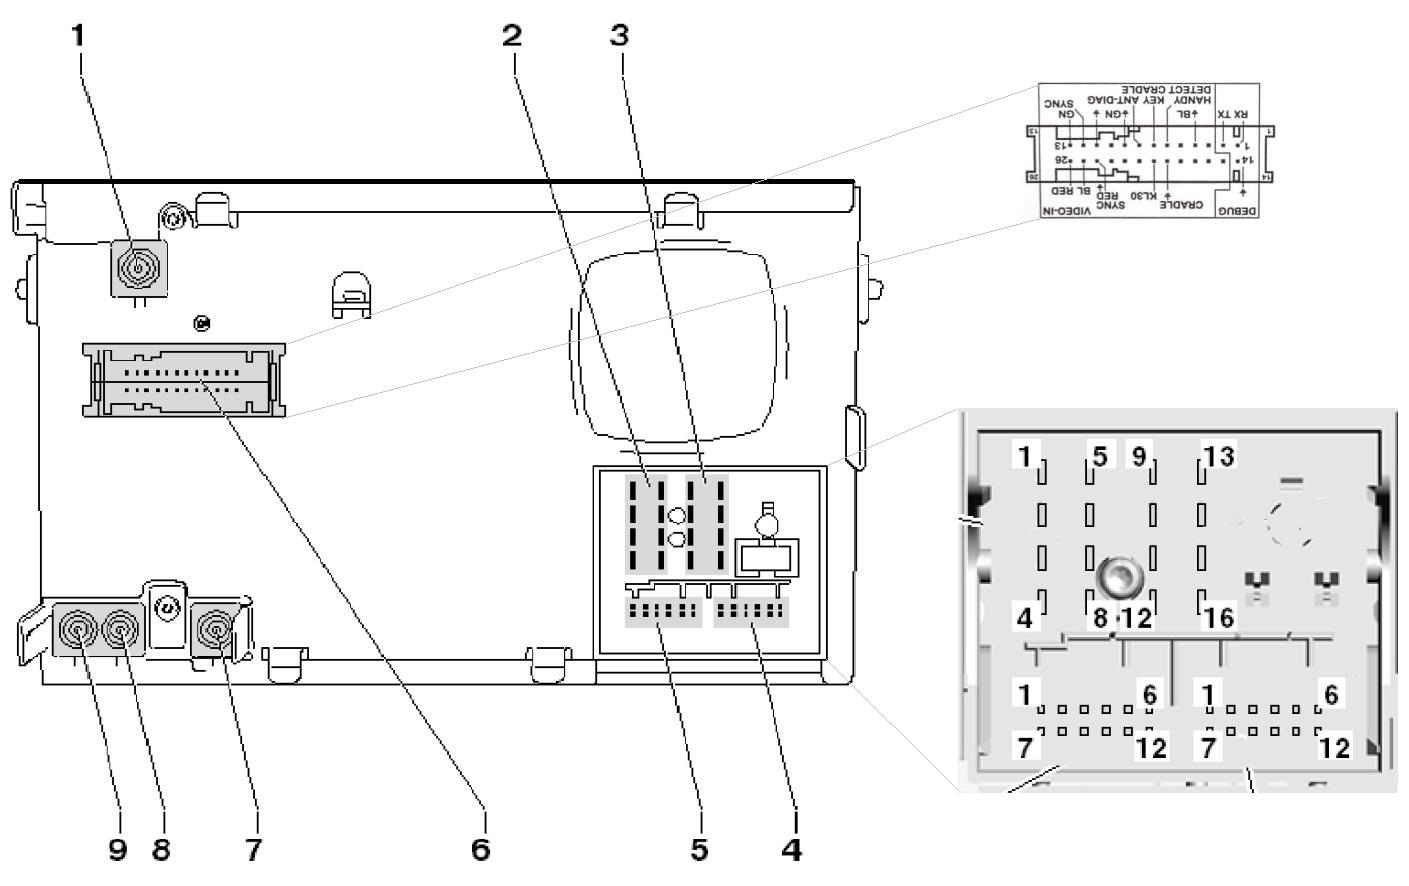 rns 310 wiring diagram